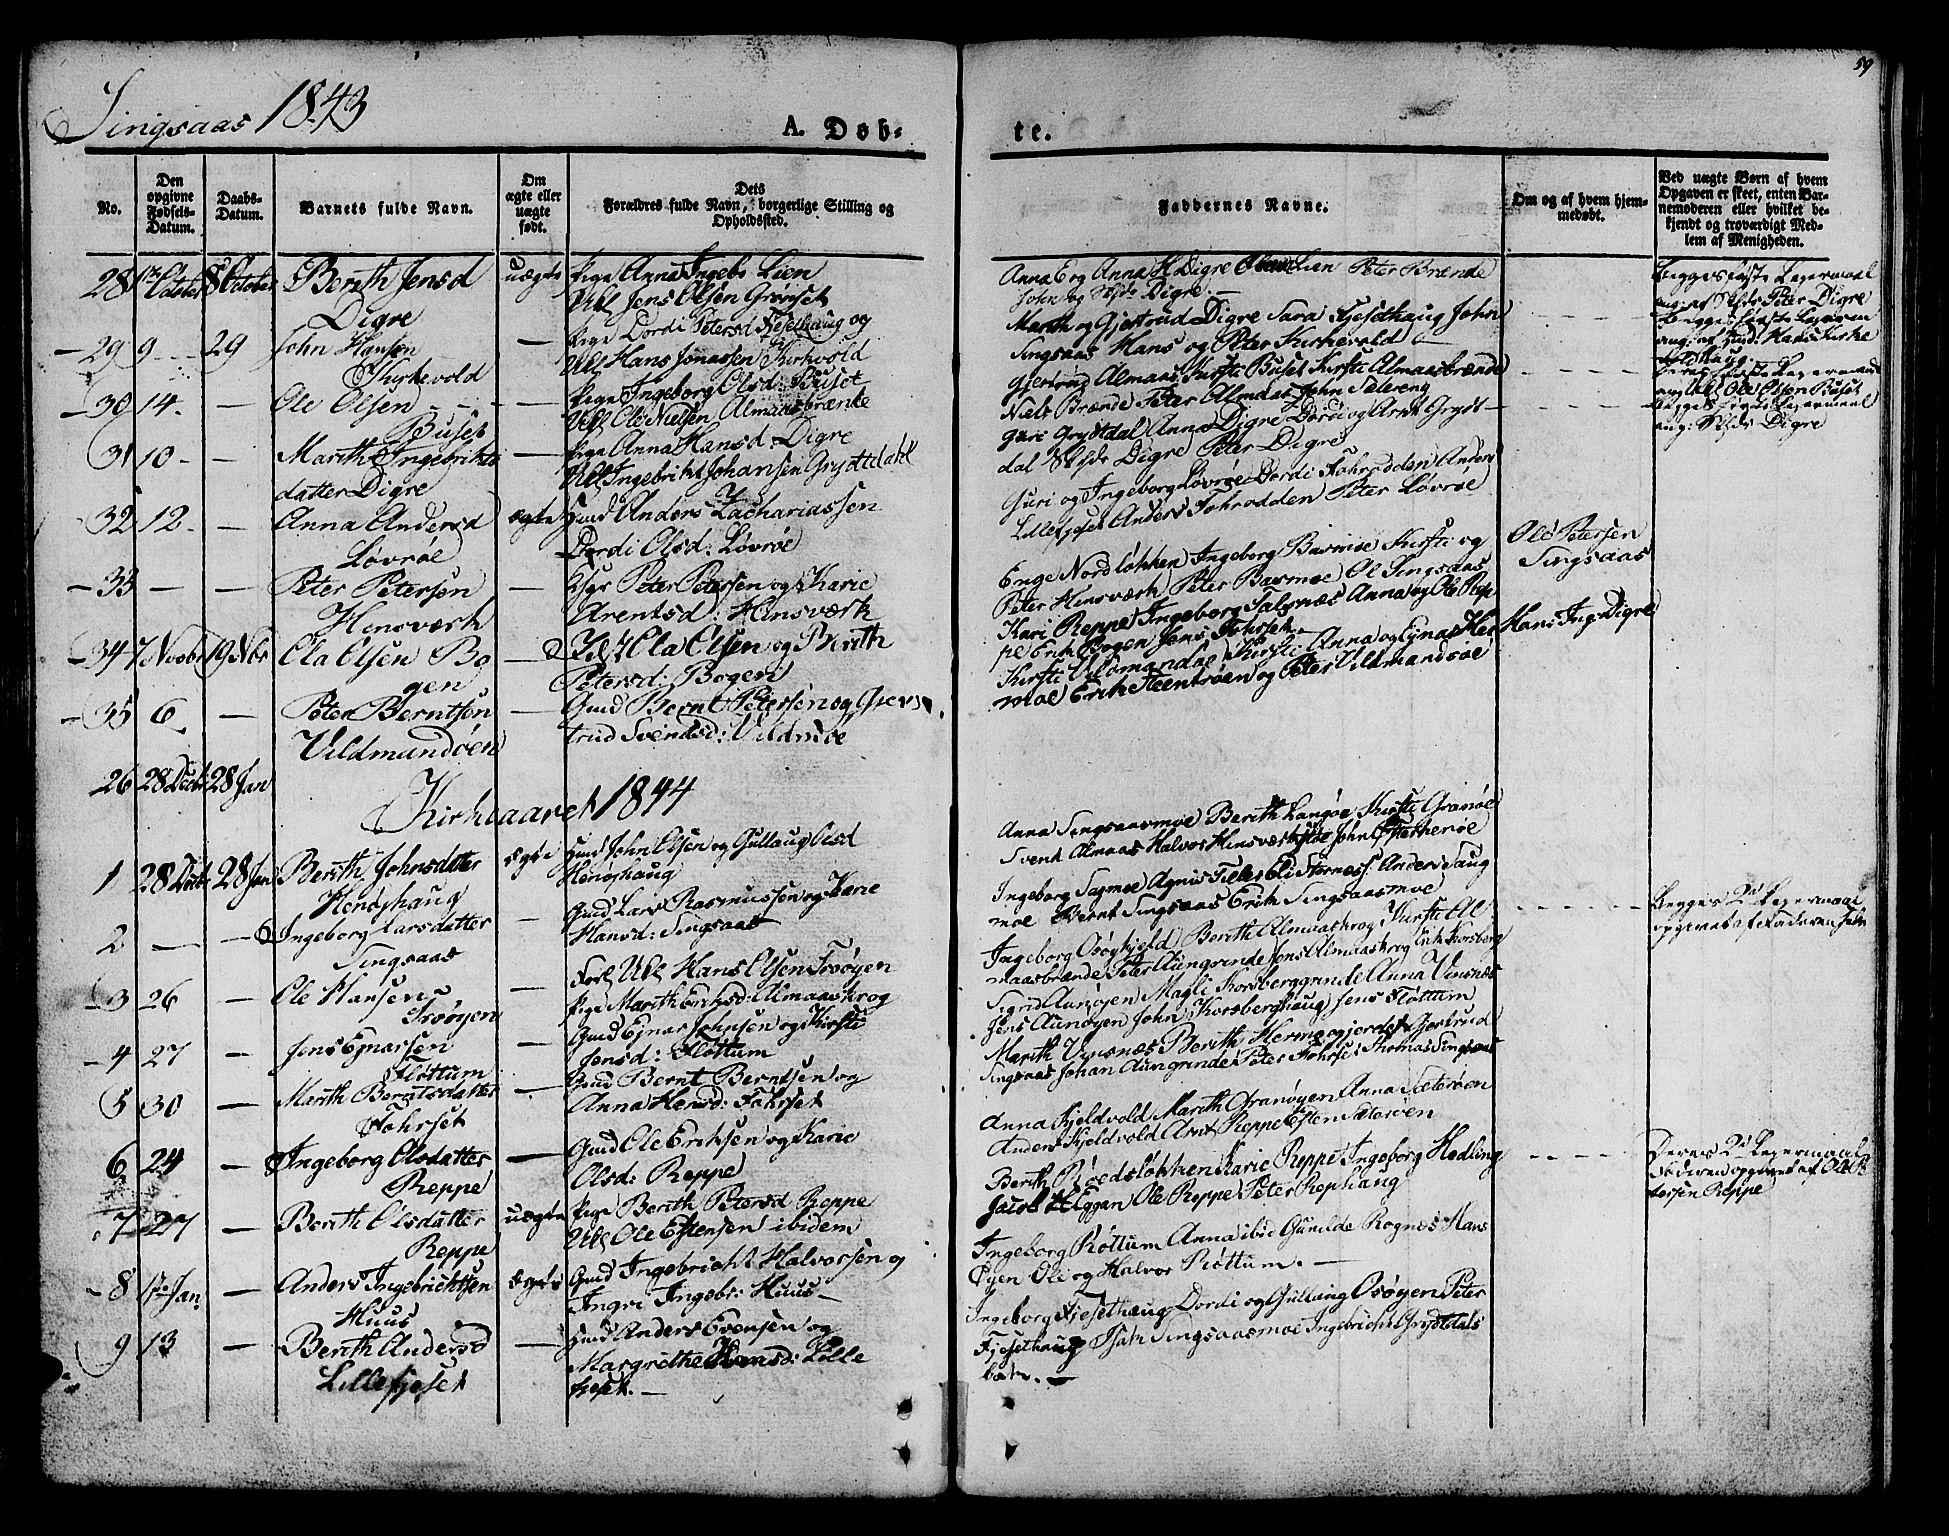 SAT, Ministerialprotokoller, klokkerbøker og fødselsregistre - Sør-Trøndelag, 685/L0958: Ministerialbok nr. 685A04 /2, 1829-1845, s. 59